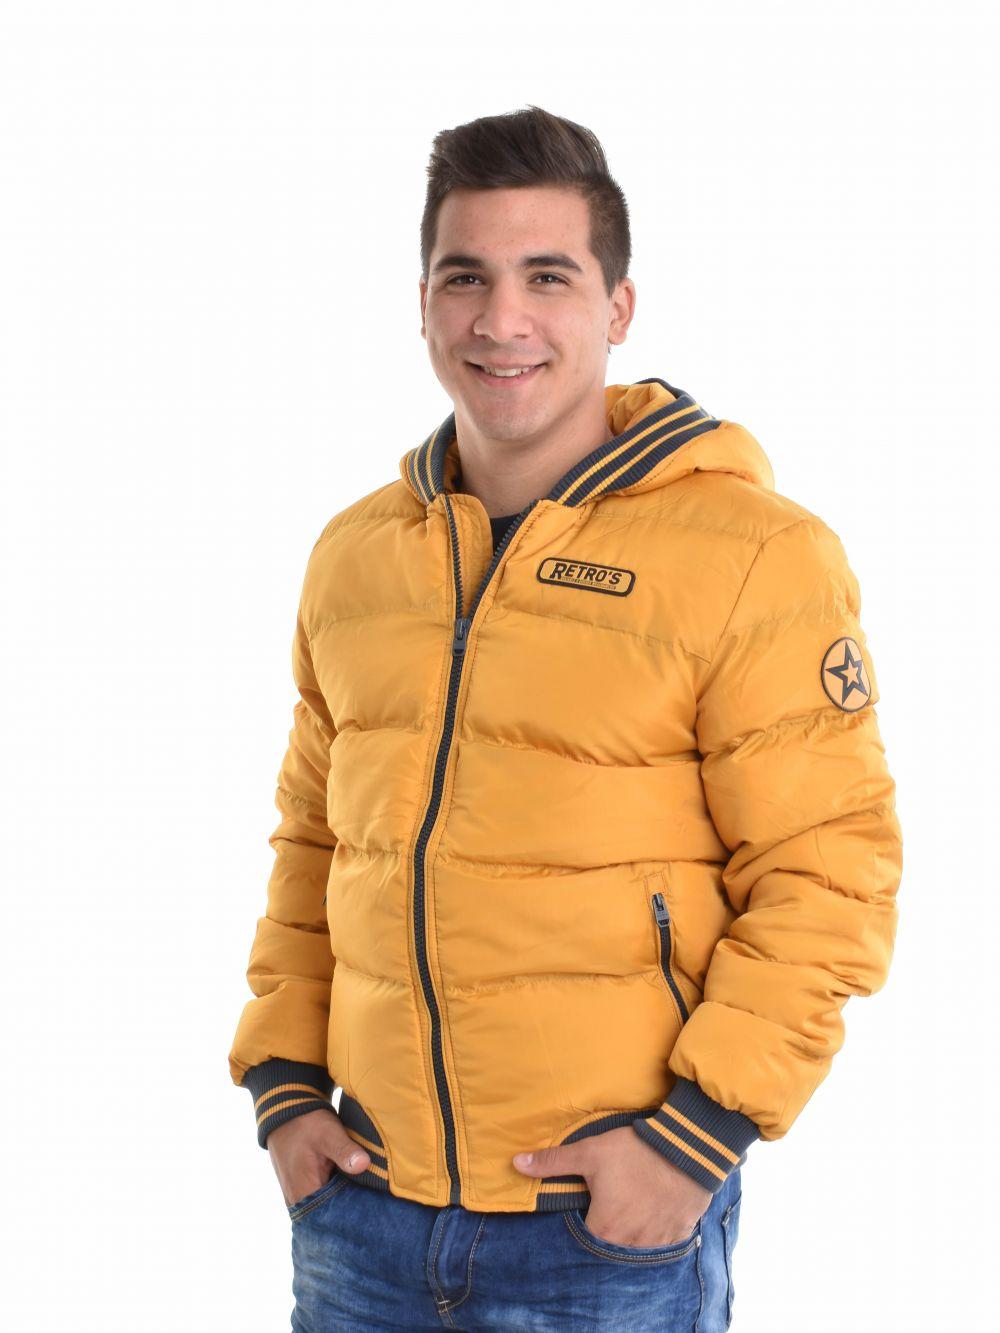 94ec240c84 Retro Jeans férfi kabát PEDRO JACKET | Markasbolt.hu Hivatalos RETRO ...